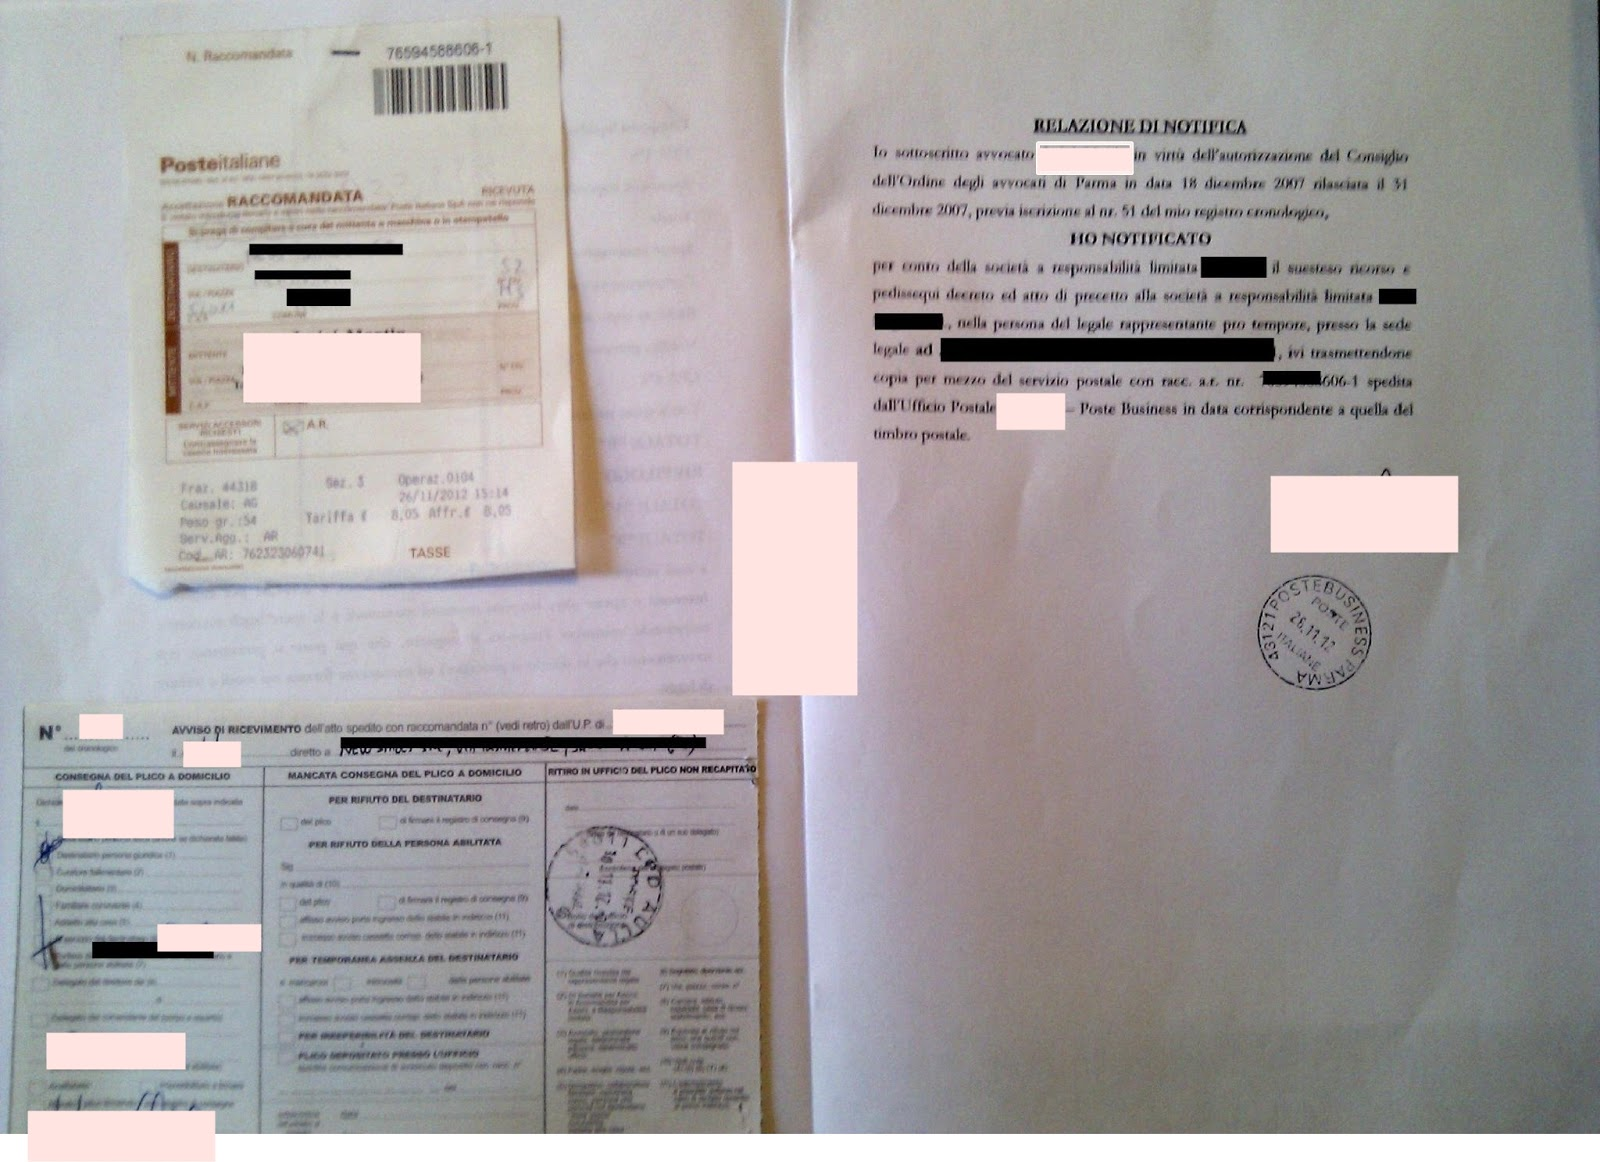 Ufficio Notifiche A Roma : La notifica in proprio eseguita dall avvocato ai sensi della l n